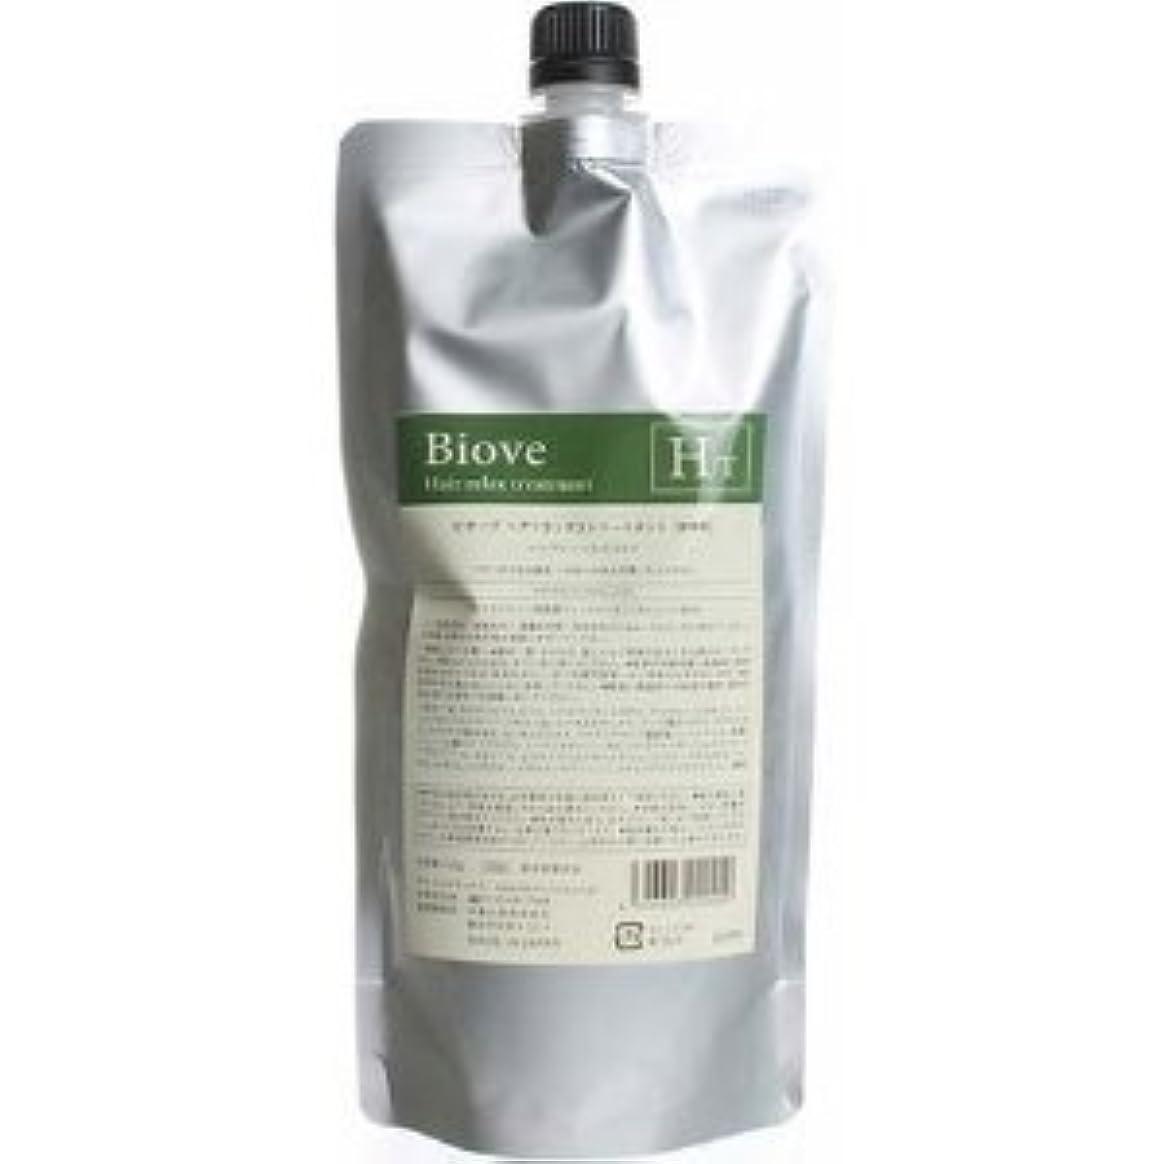 溶融老人珍味デミ ビオーブ ヘアリラックス トリートメント <450g> 詰め替えdemi biove